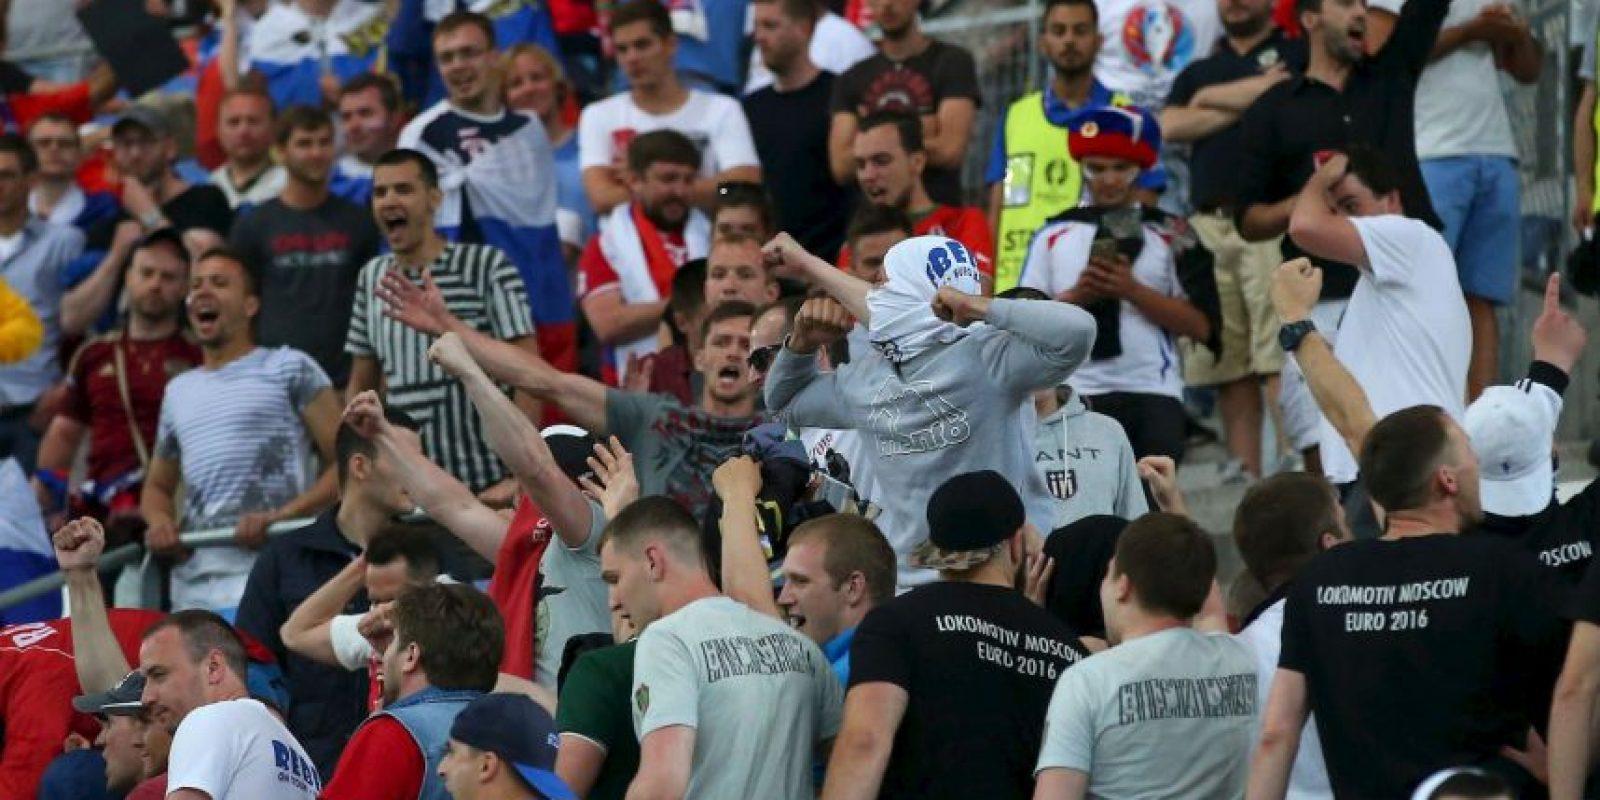 Previo al torneo, los rusos hicieron un 'casting' para seleccionar a los 120 hinchas más violentos Foto:Getty Images